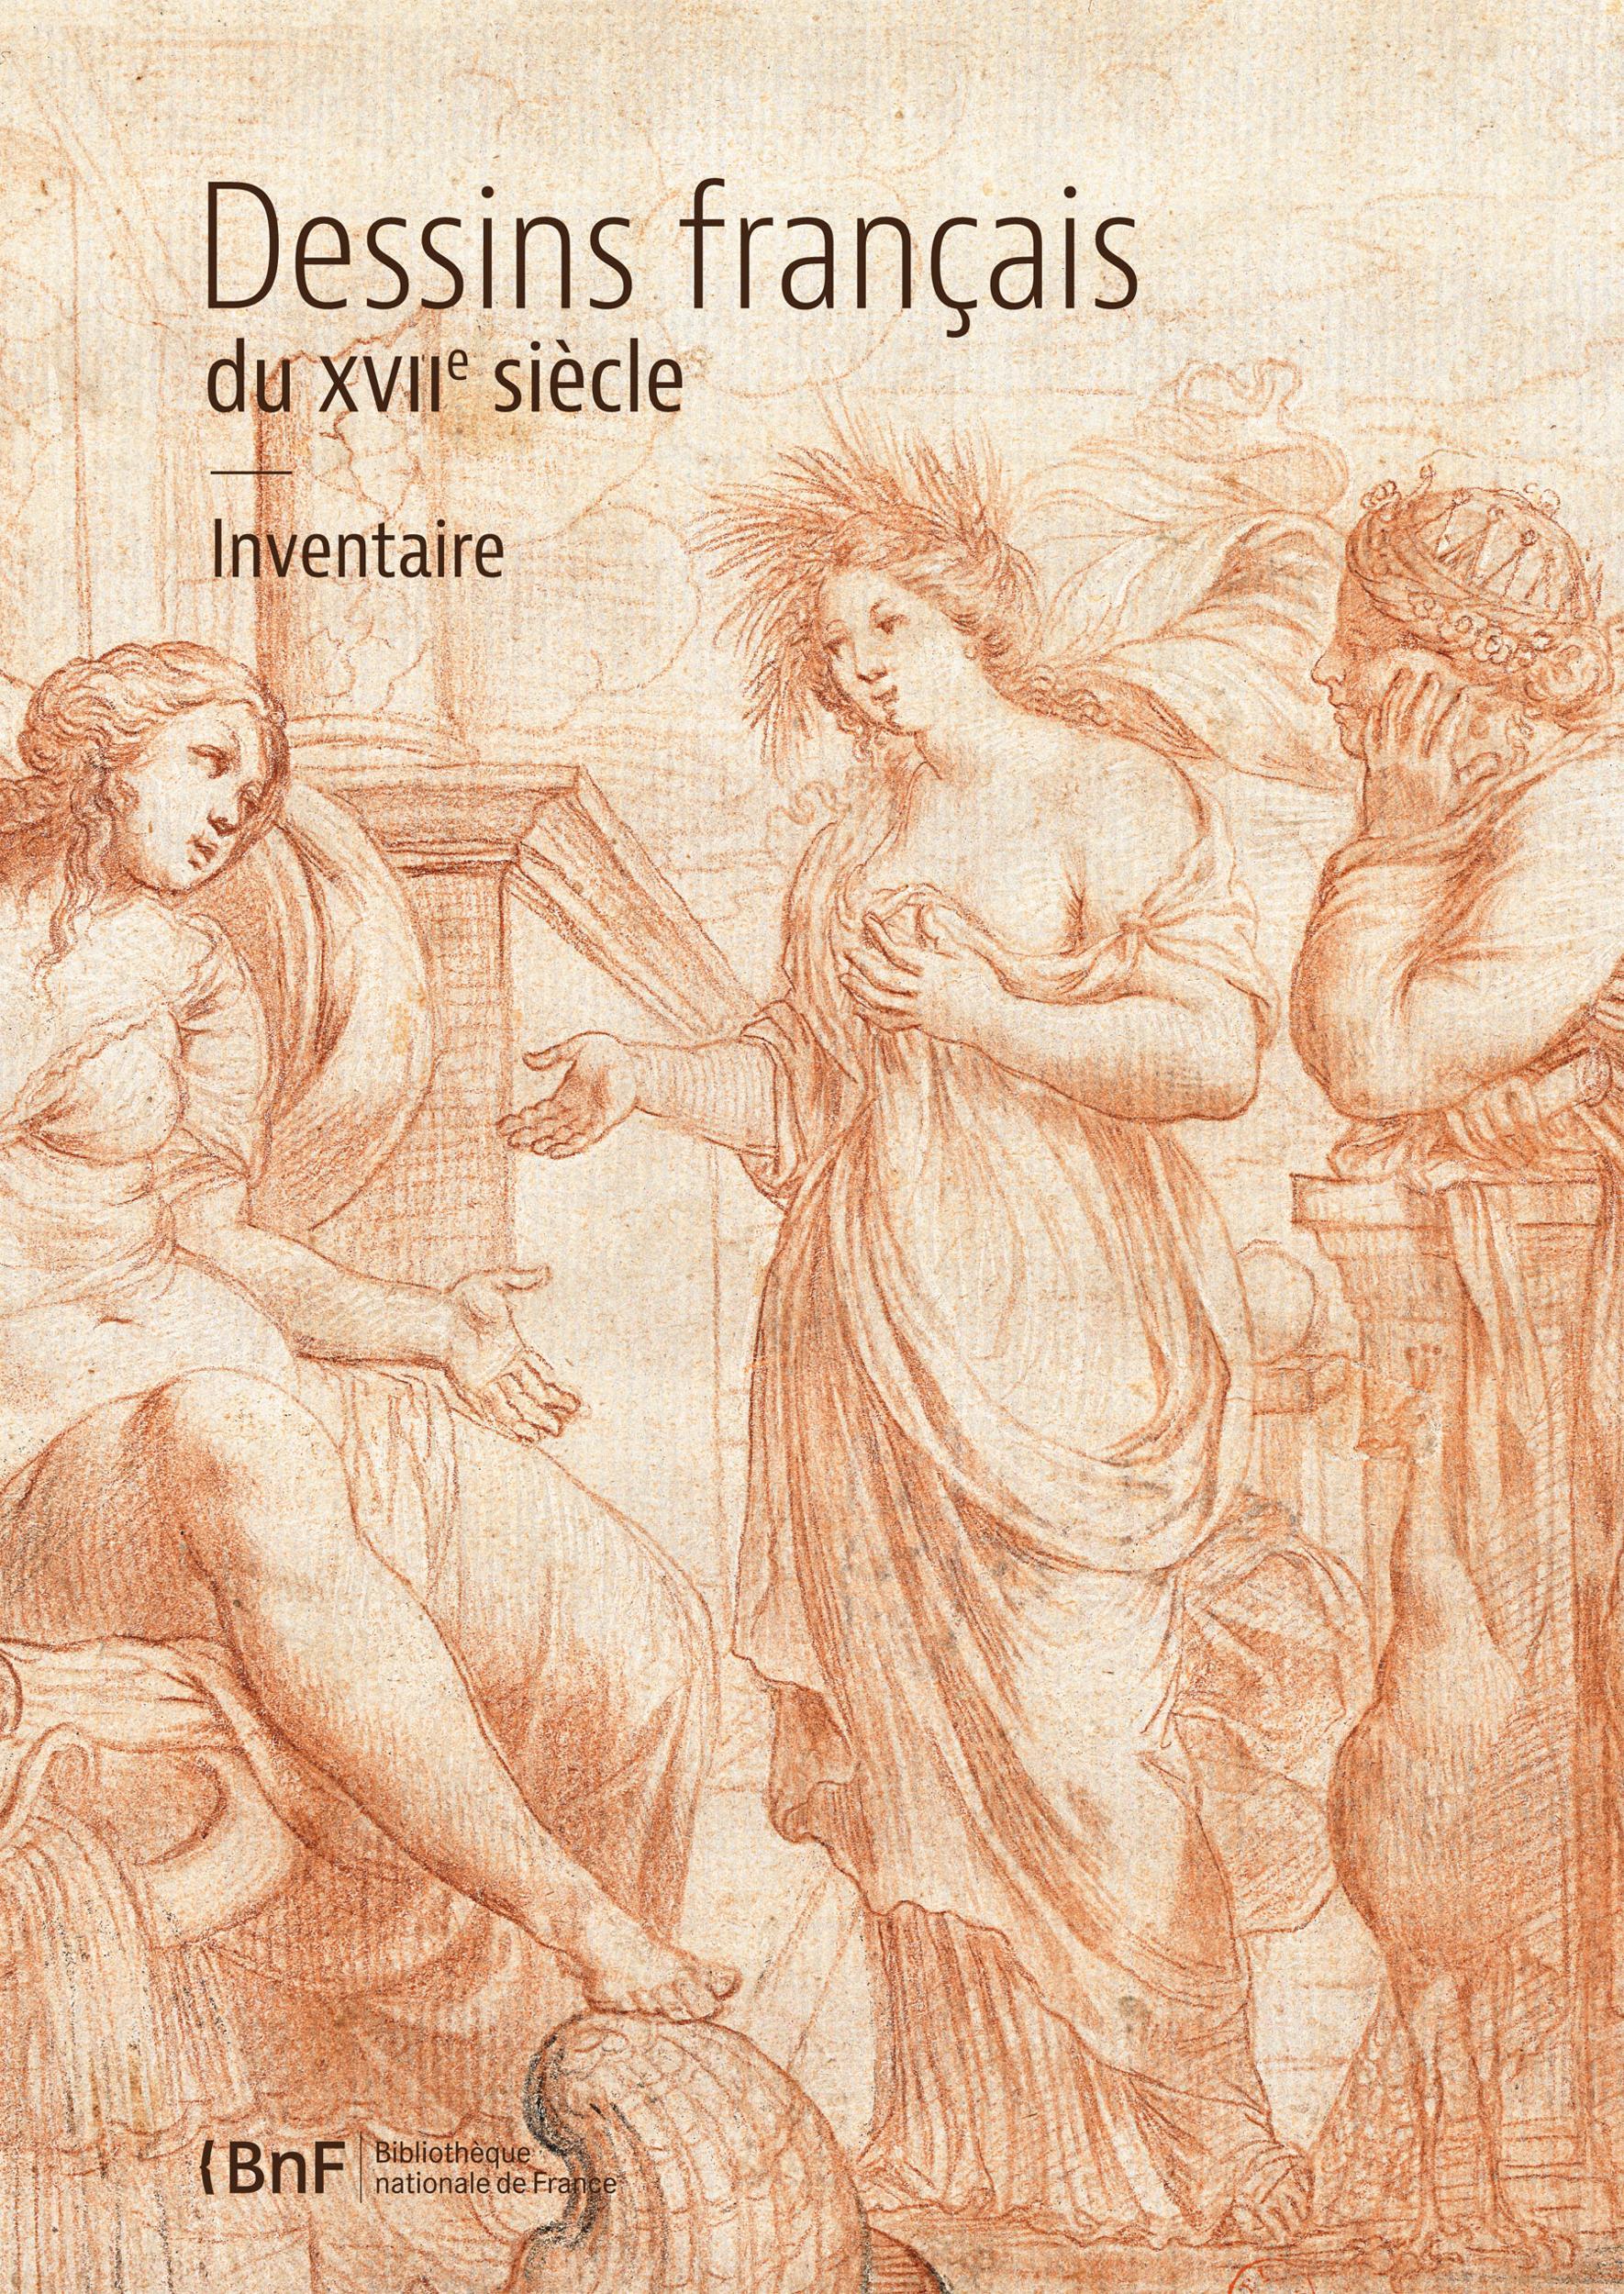 Dessins français du XVIIe siècle, INVENTAIRE DE LA COLLECTION DE LA RÉSERVE DU DÉPARTEMENT DES ESTAMPES ET DE LA PHOTOGRAPHIE